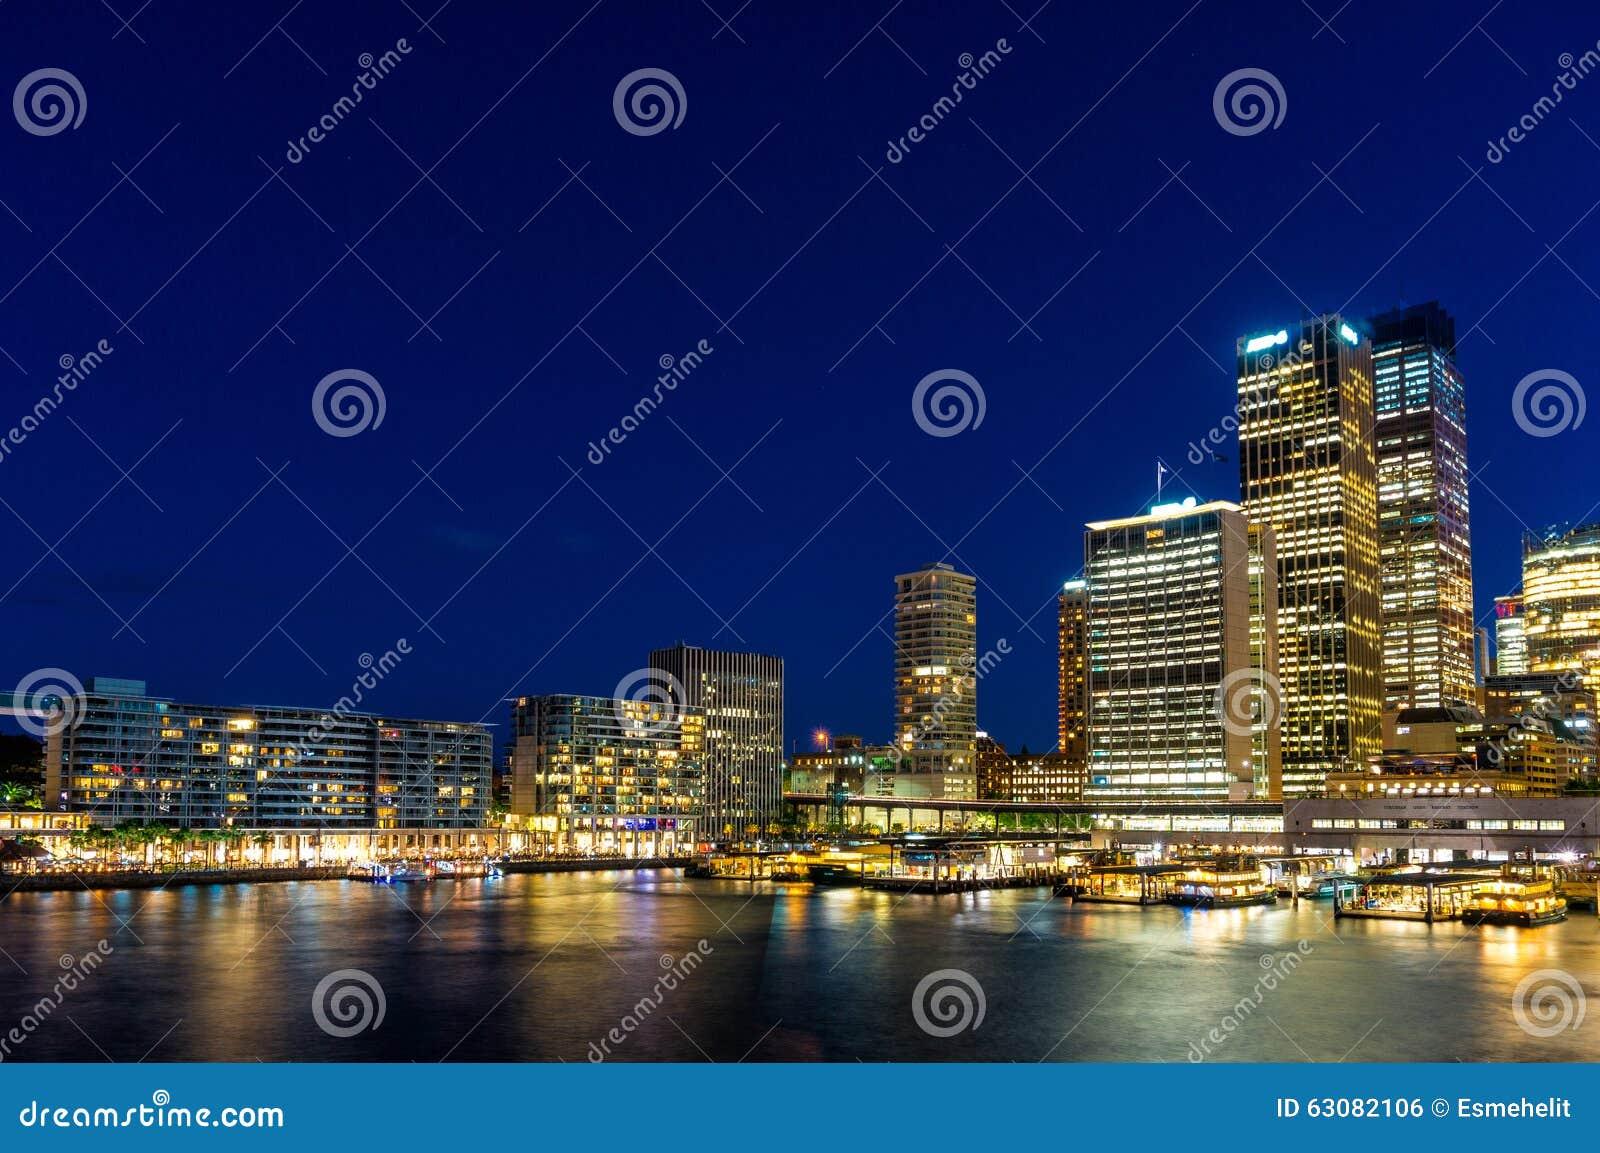 Download Quay Circulaire Et Sydney Business District Centre Photo stock - Image du architecture, côté: 63082106